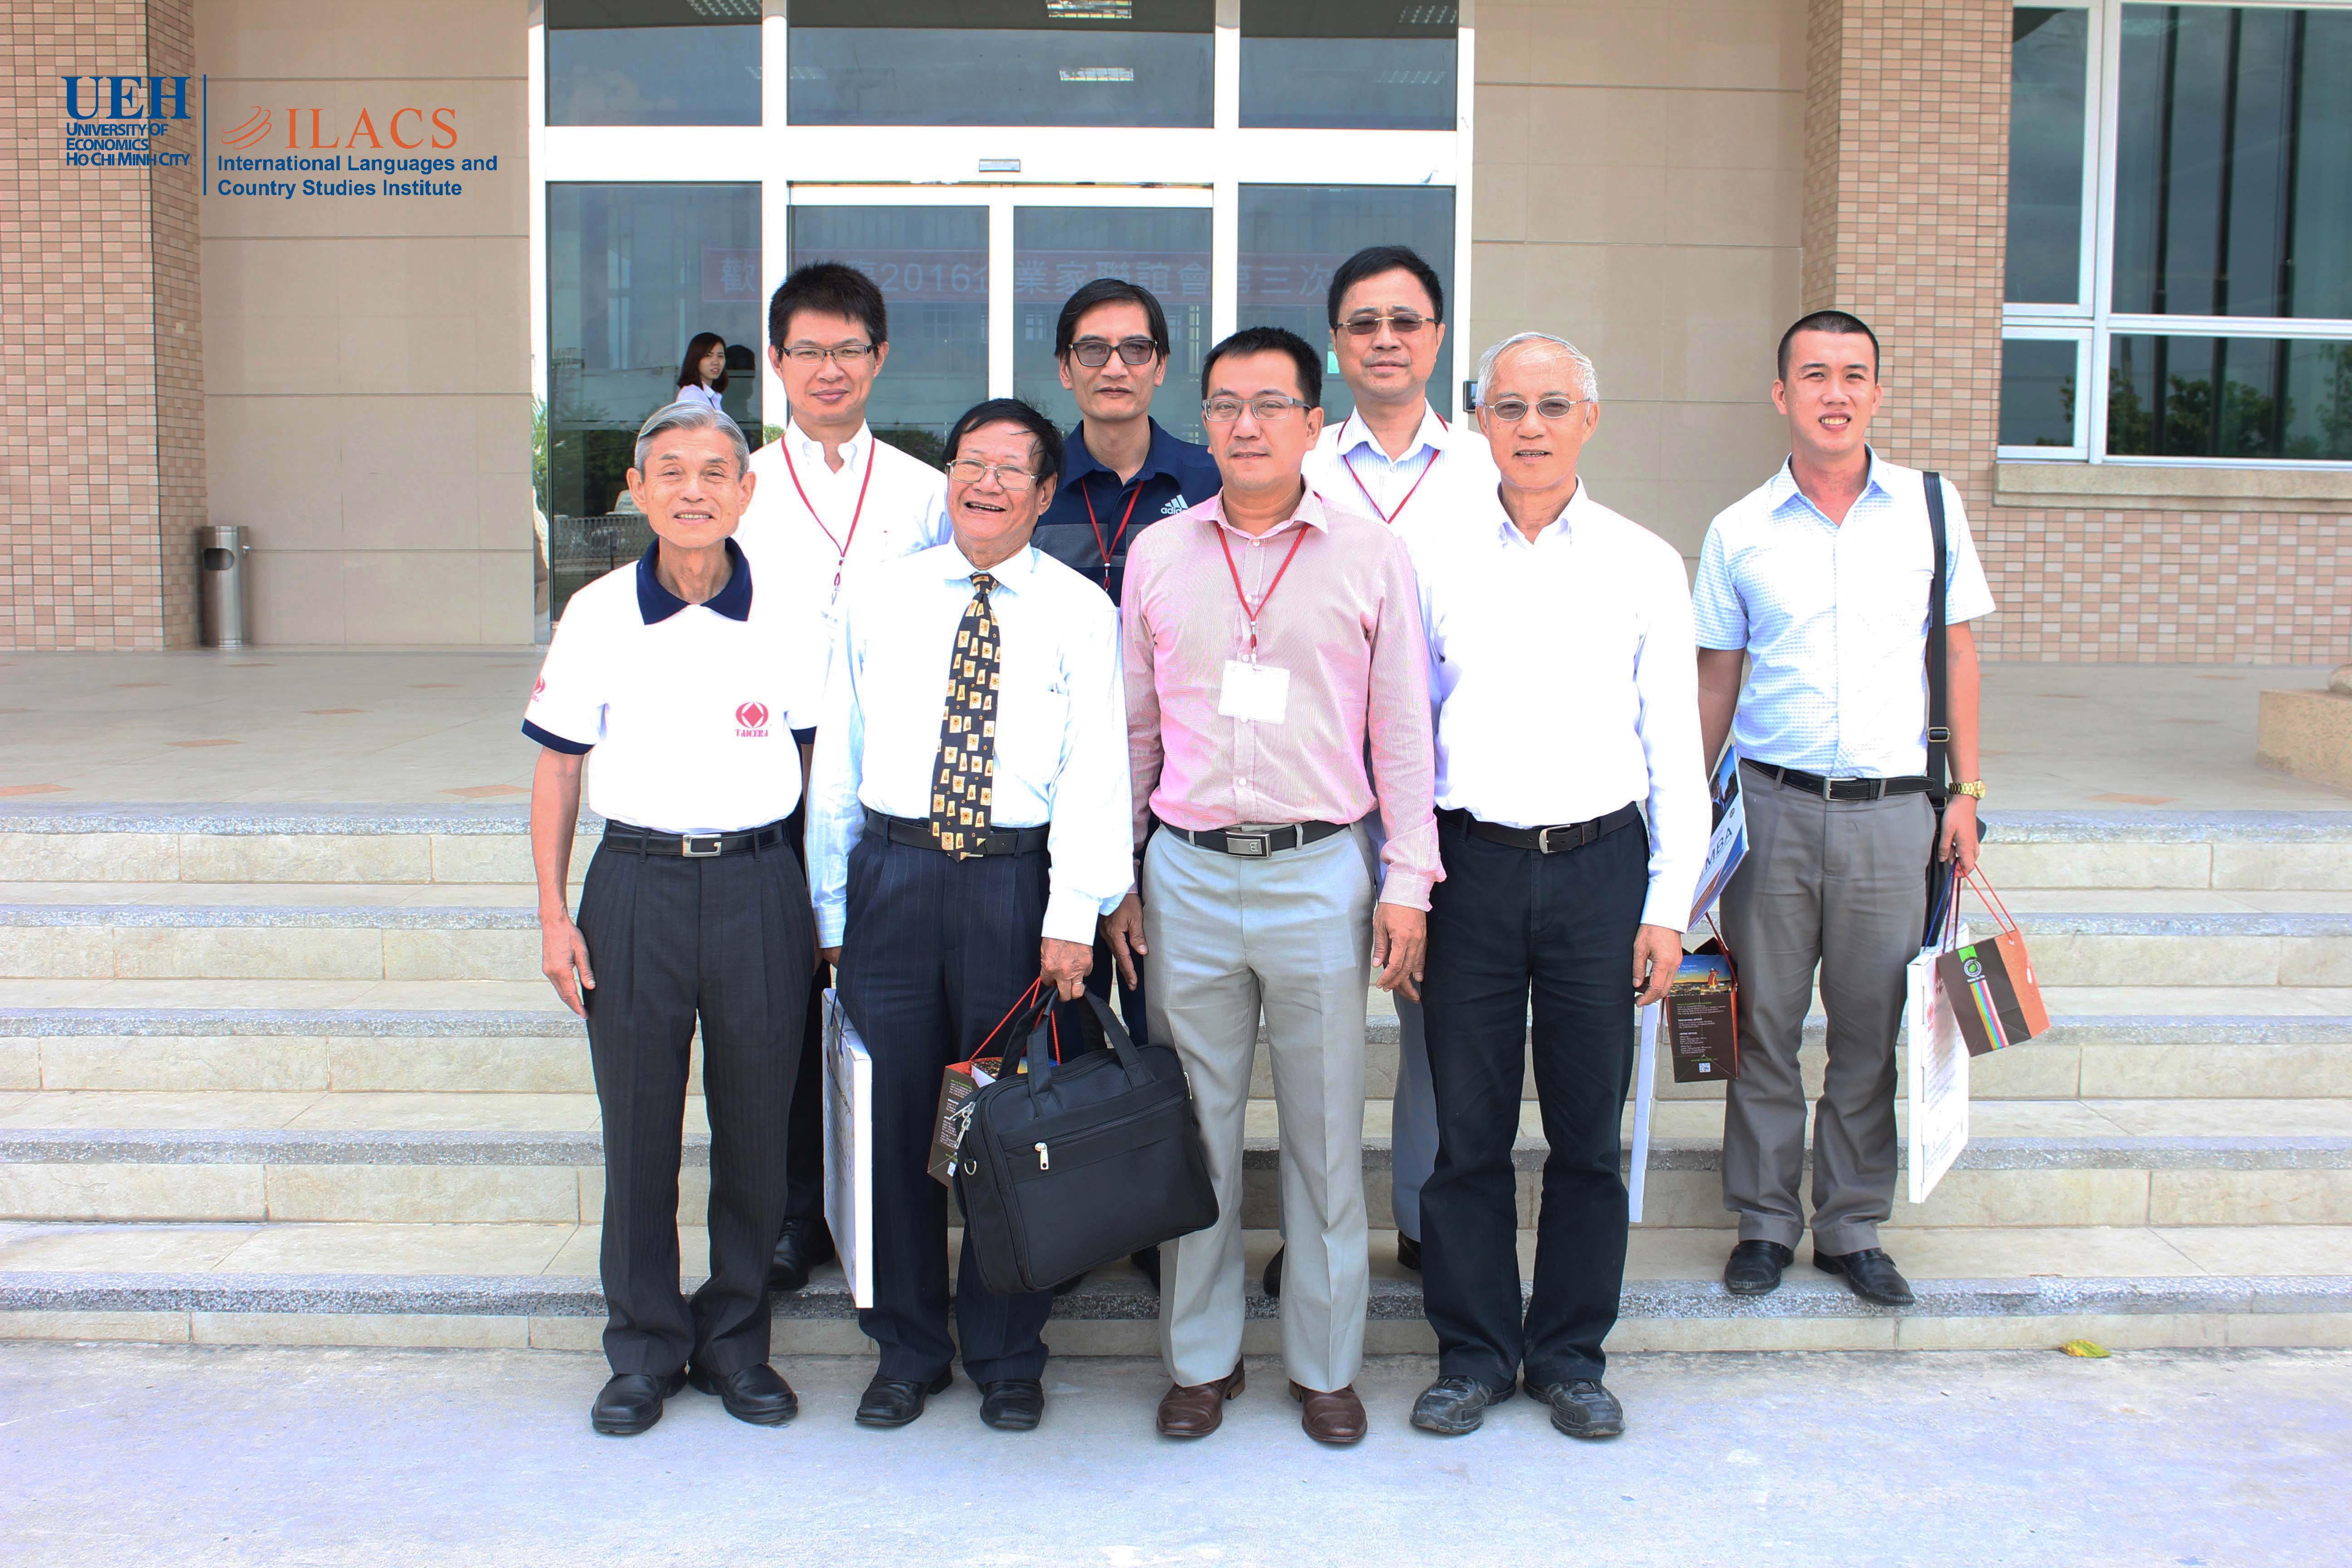 ILACS giới thiệu CEO Program for Vietnam Expert tại Hiệp hội Doanh nghiệp Đài Loan